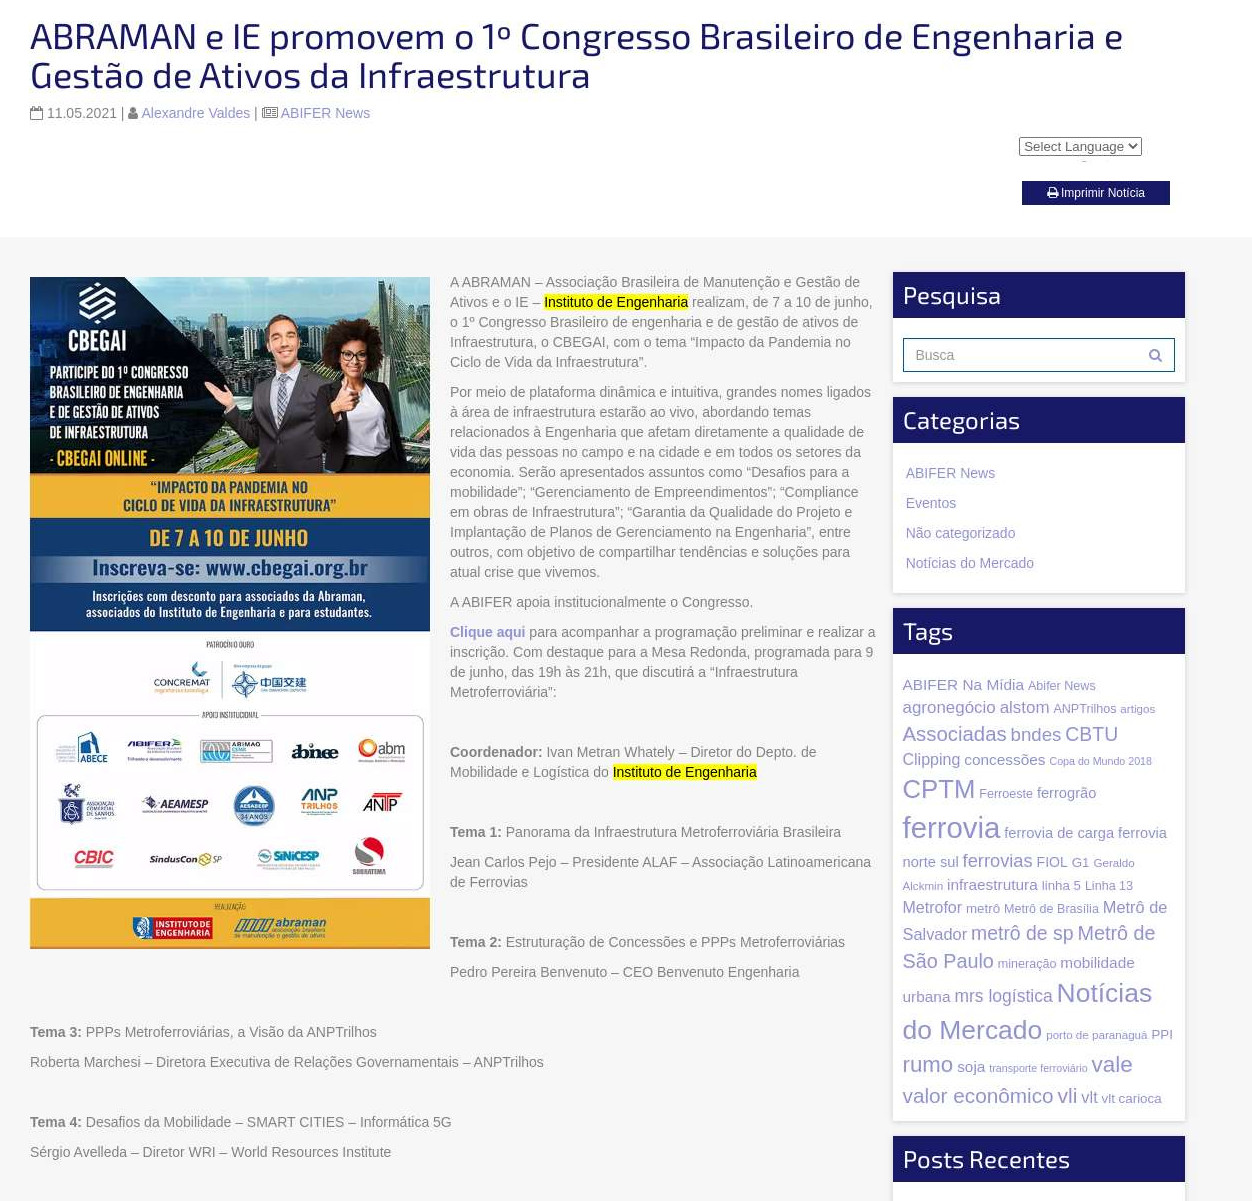 ABRAMAN e IE promovem o 1º Congresso Brasileiro de Engenharia e Gestão de Ativos da Infraestrutura - ABIFER